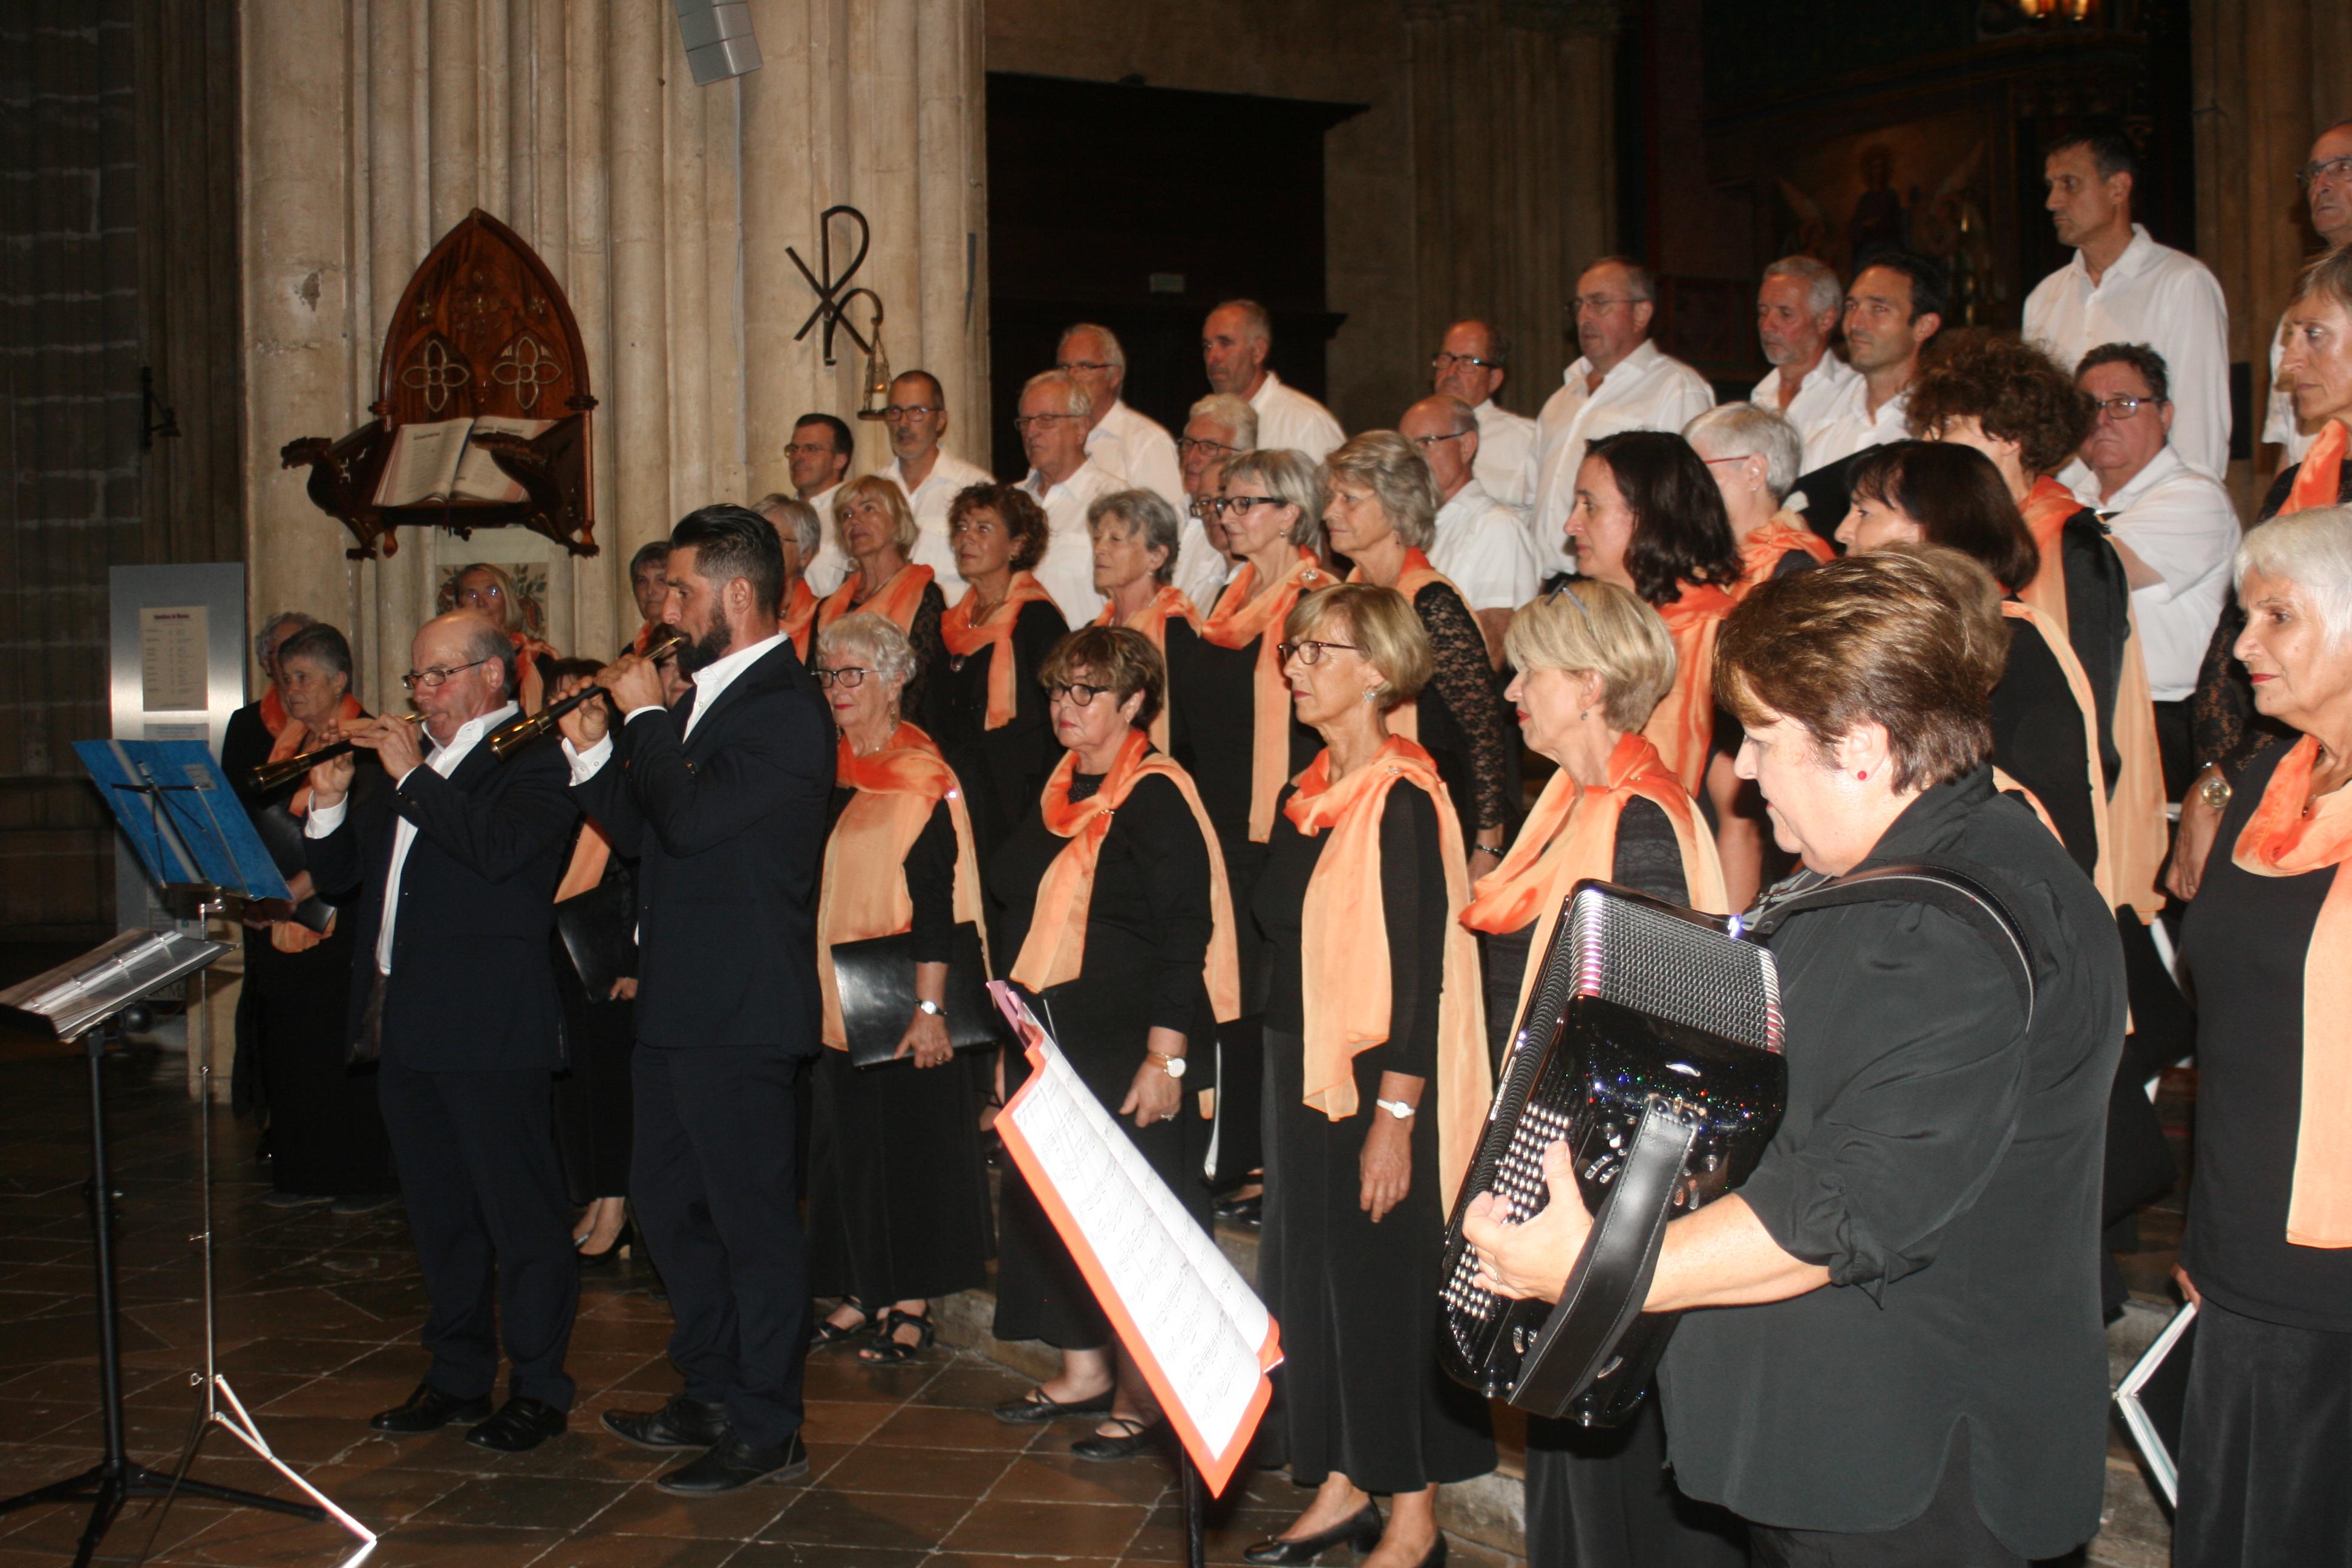 Concert du choeur XARAMELA, gaitas et orgue à la Cathédrale le 10 août 2019 à Bayonne (64)